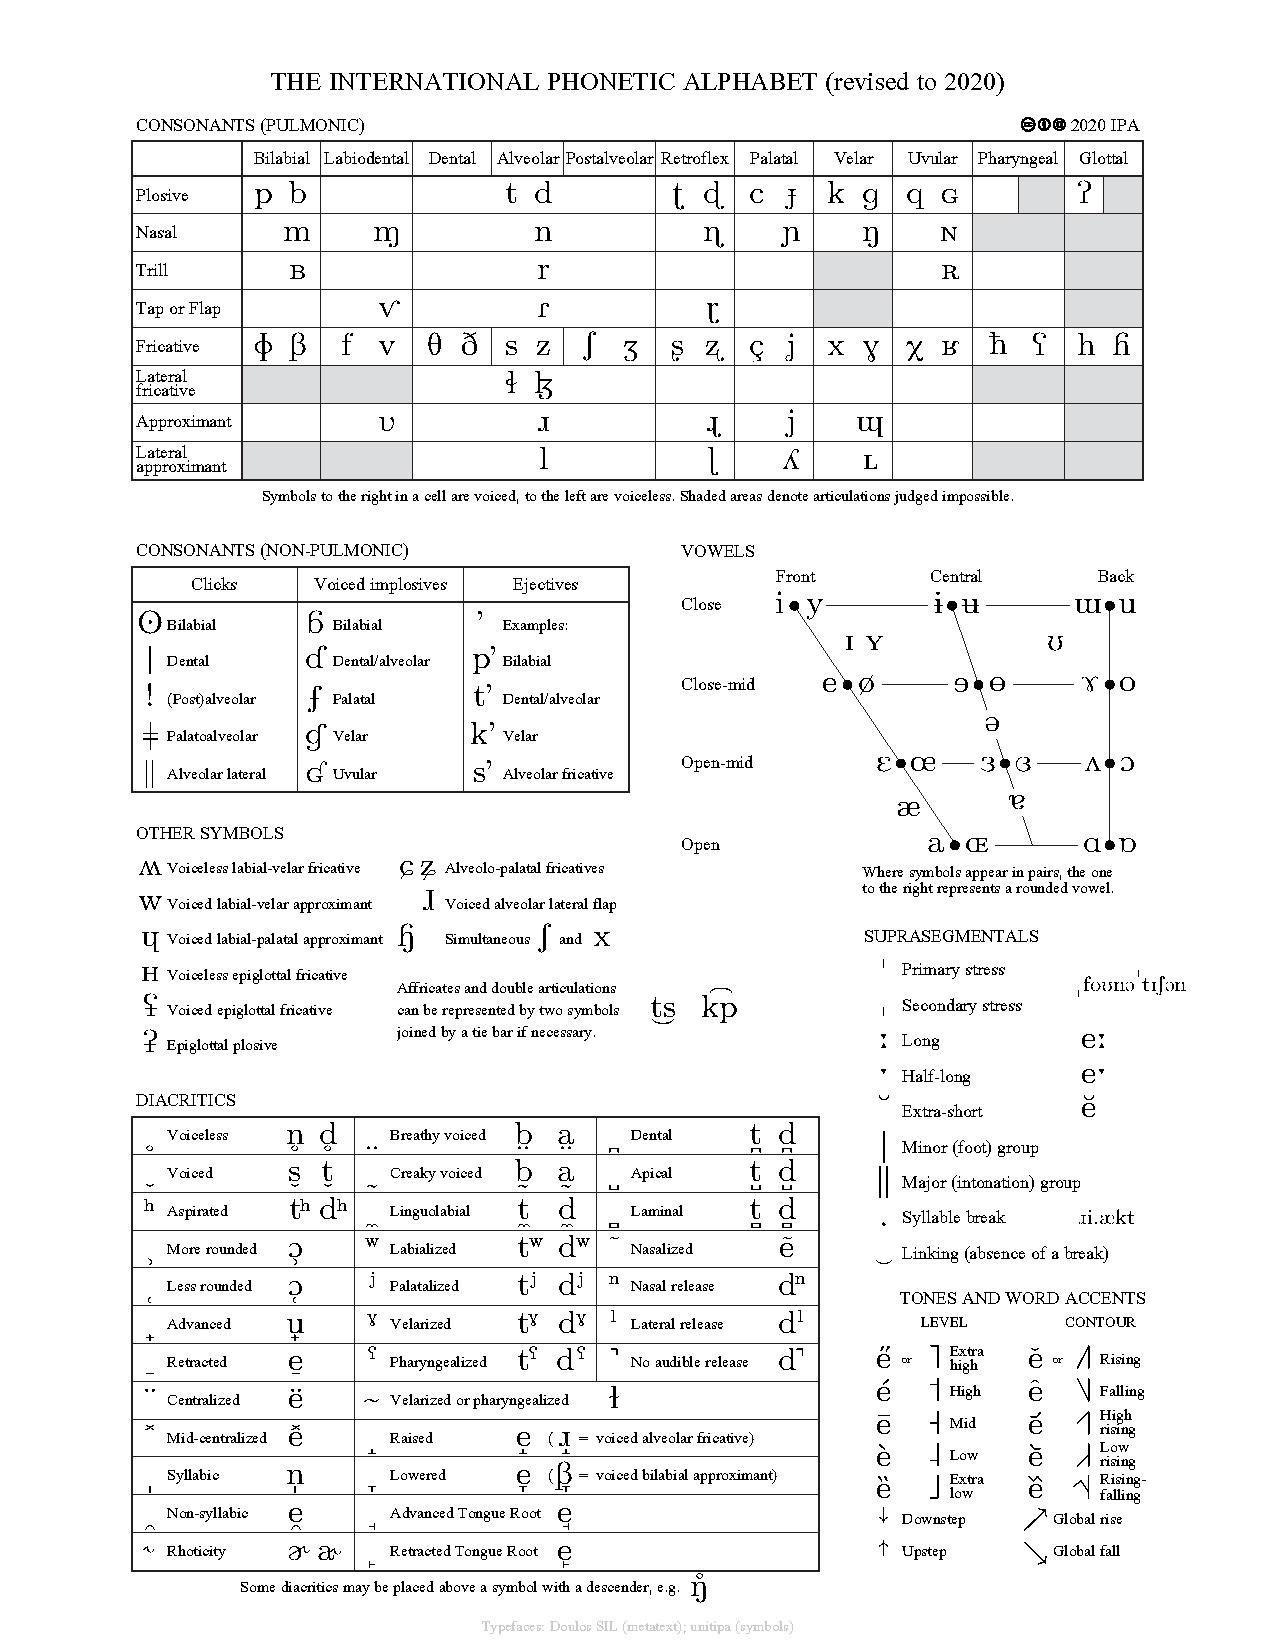 File Ipa Chart 2020 Pdf Wikimedia Commons